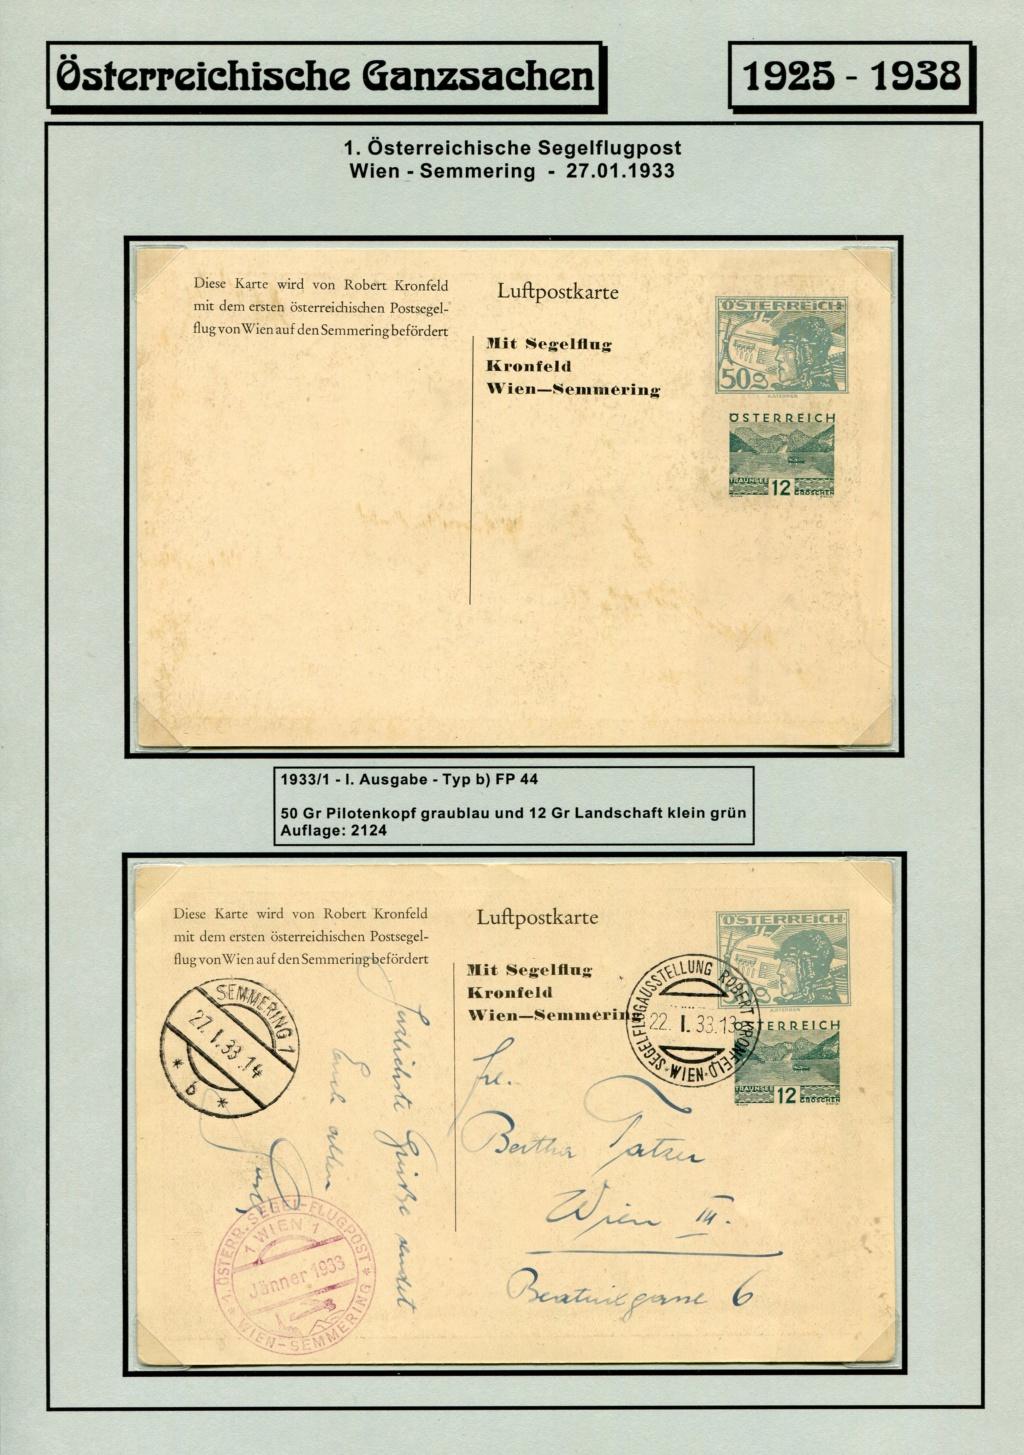 Ganzsachen - Segelflug Robert Kronfeld 1933 Kr_00015